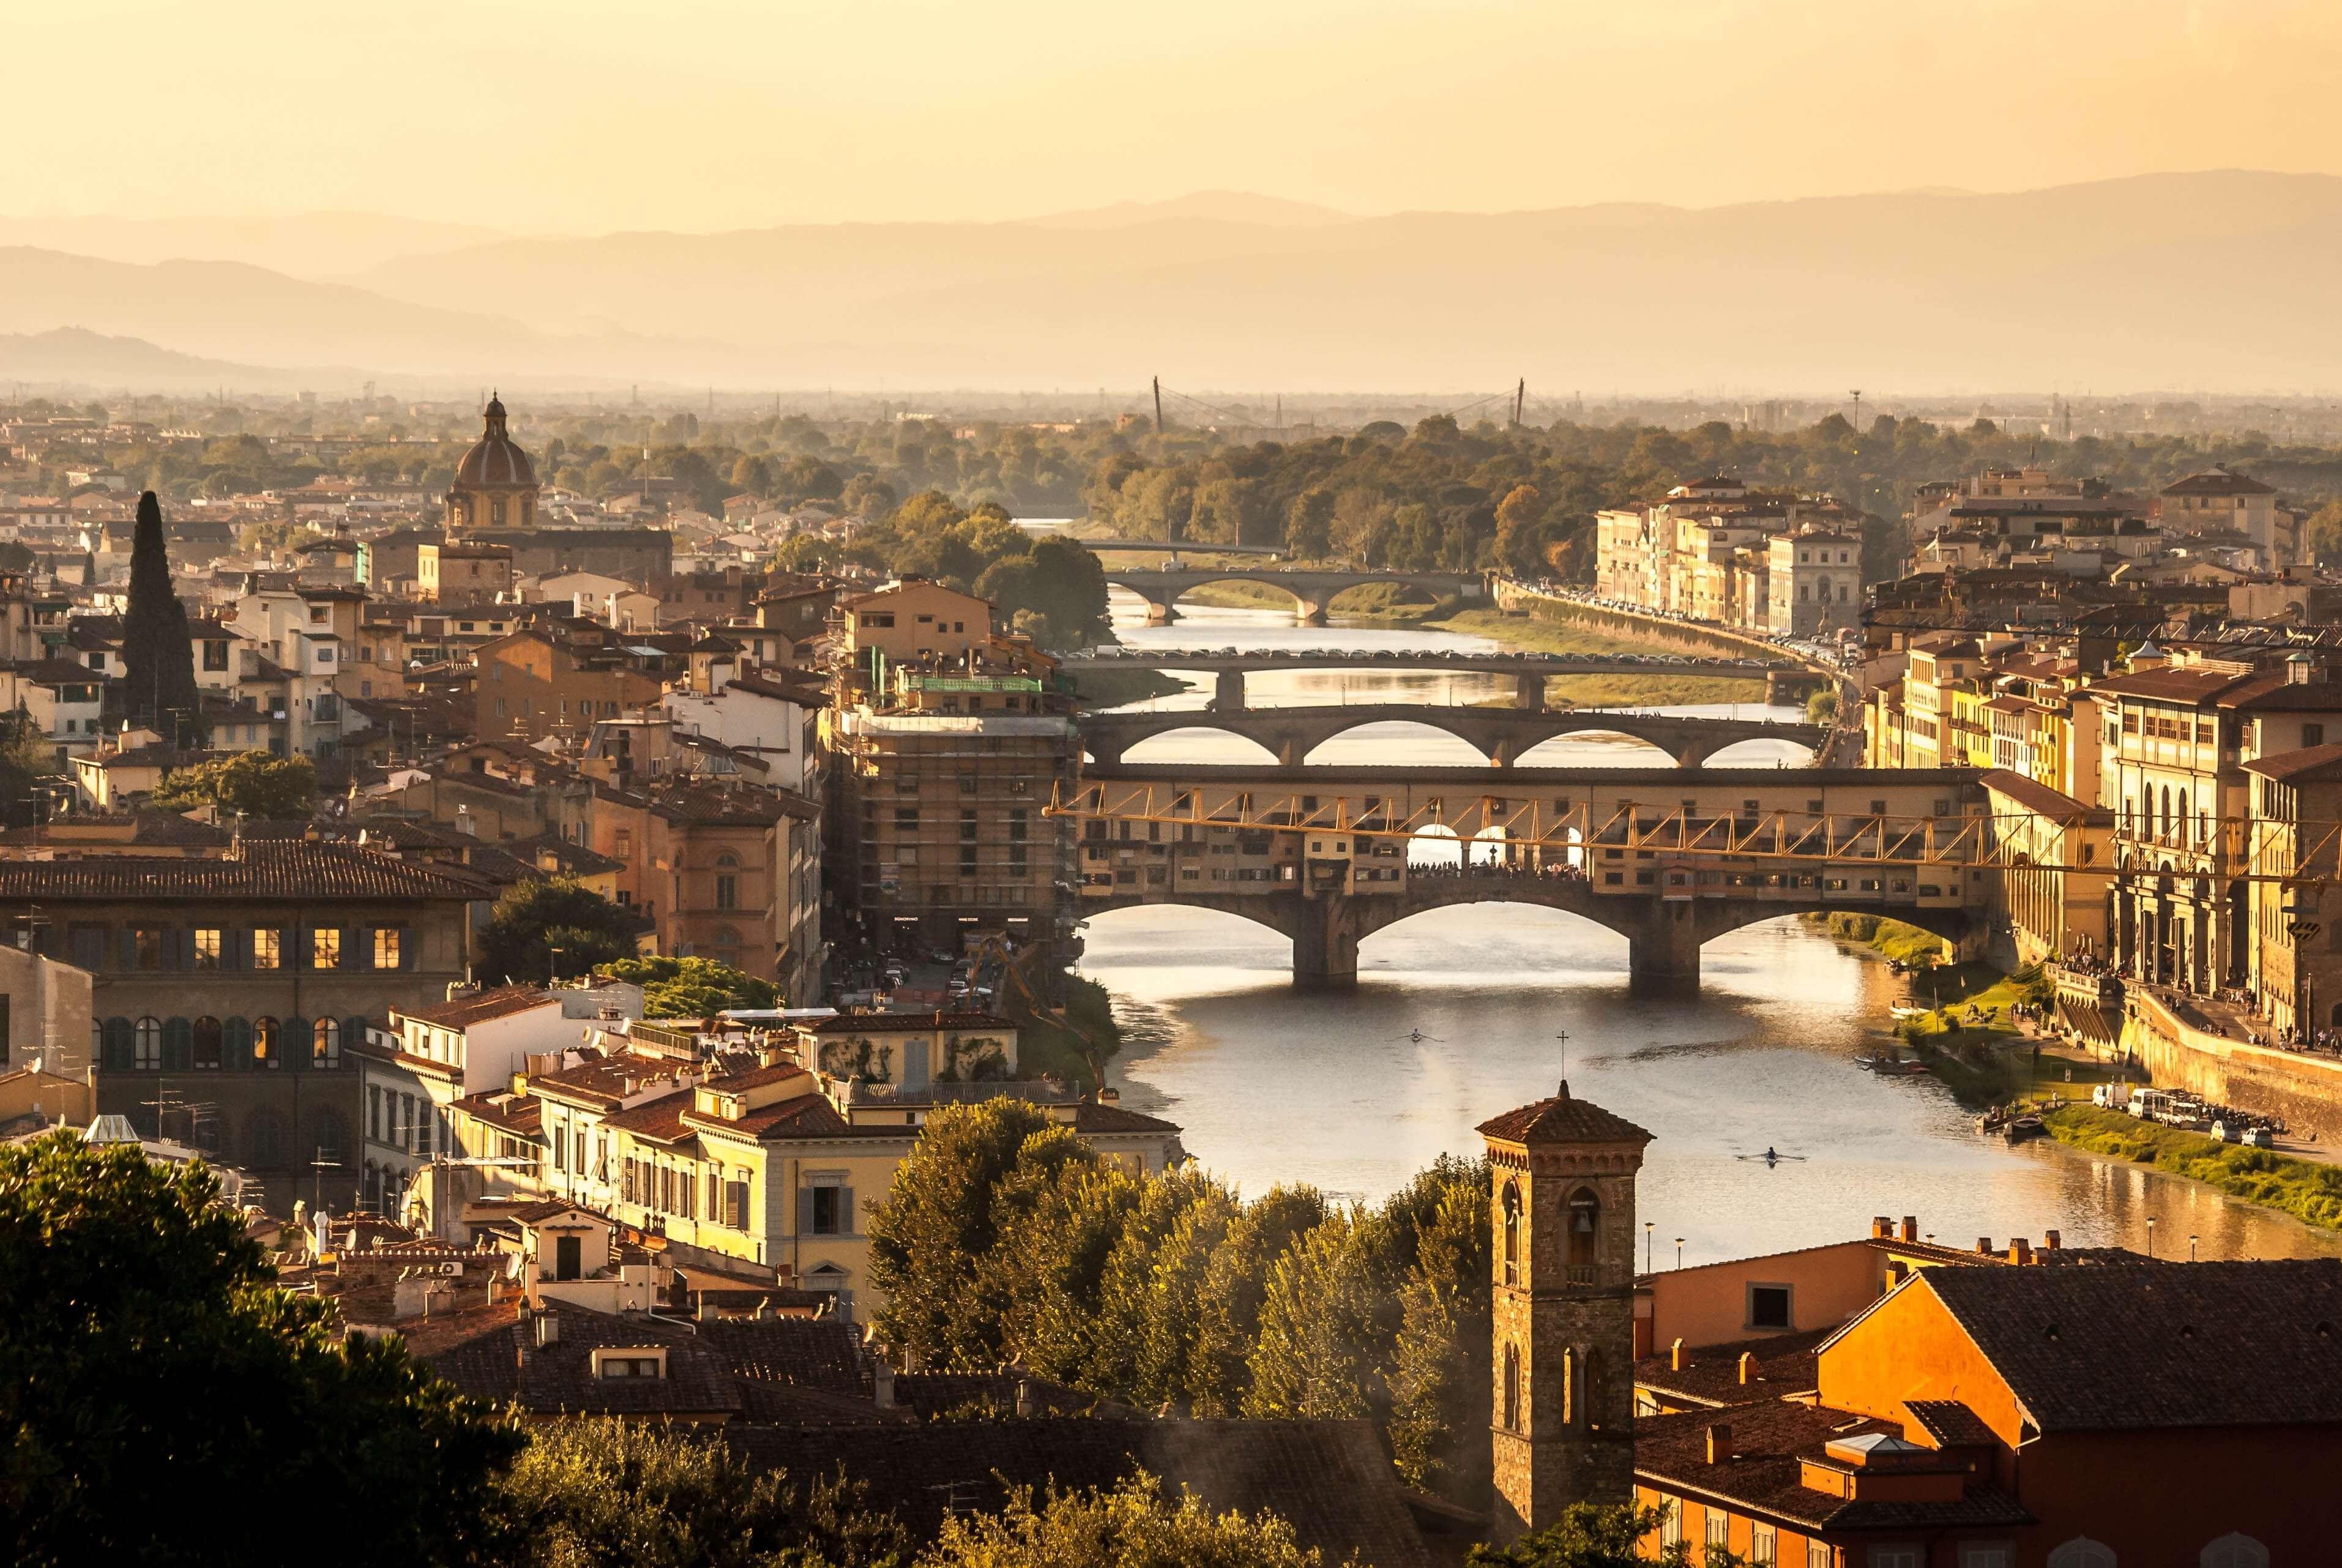 Florenz im späten Sonnenlicht